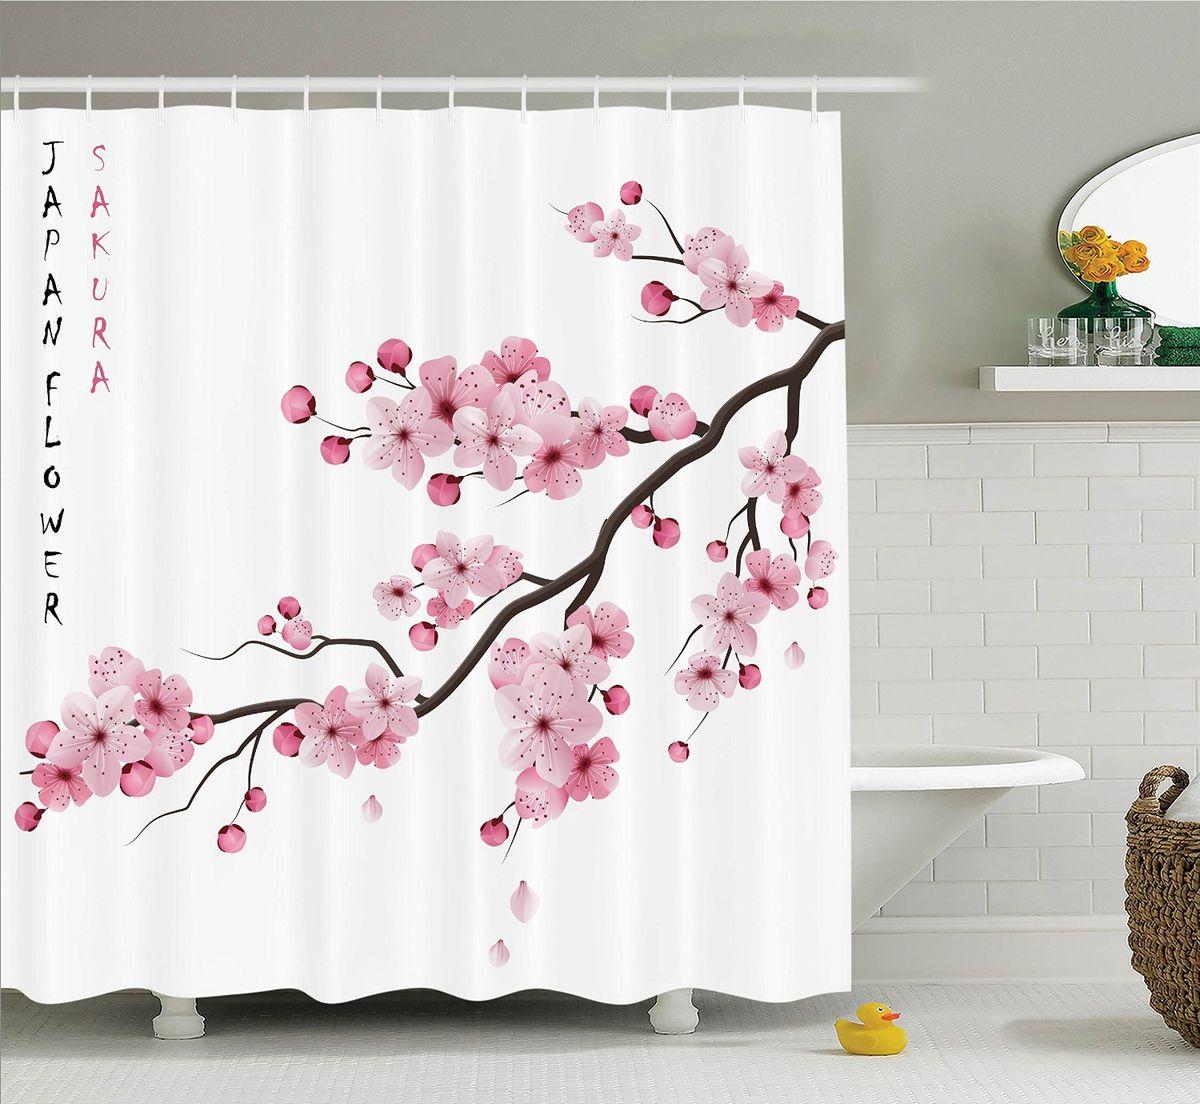 Штора для ванной комнаты Magic Lady Sakura Japan Flower, 180 х 200 см31829Штора Magic Lady Sakura Japan Flower, изготовленная из высококачественного сатена (полиэстер 100%), отлично дополнит любой интерьер ванной комнаты. При изготовлении используются специальные гипоаллергенные чернила для прямой печати по ткани, безопасные для человека.В комплекте: 1 штора, 12 крючков. Обращаем ваше внимание, фактический цвет изделия может незначительно отличаться от представленного на фото.